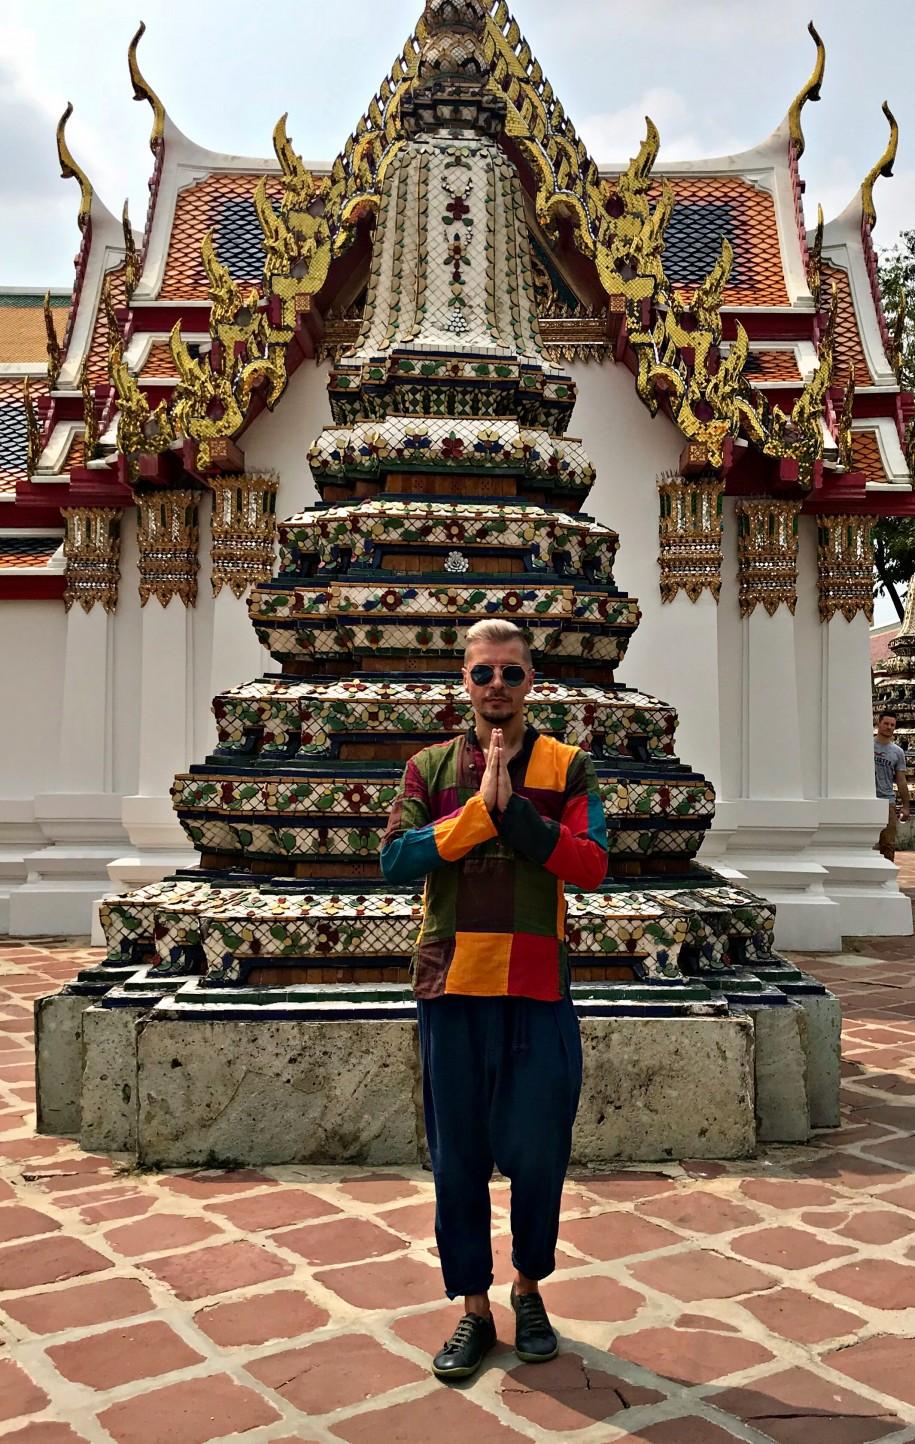 Ovidiu Muresanu Bangkok 6